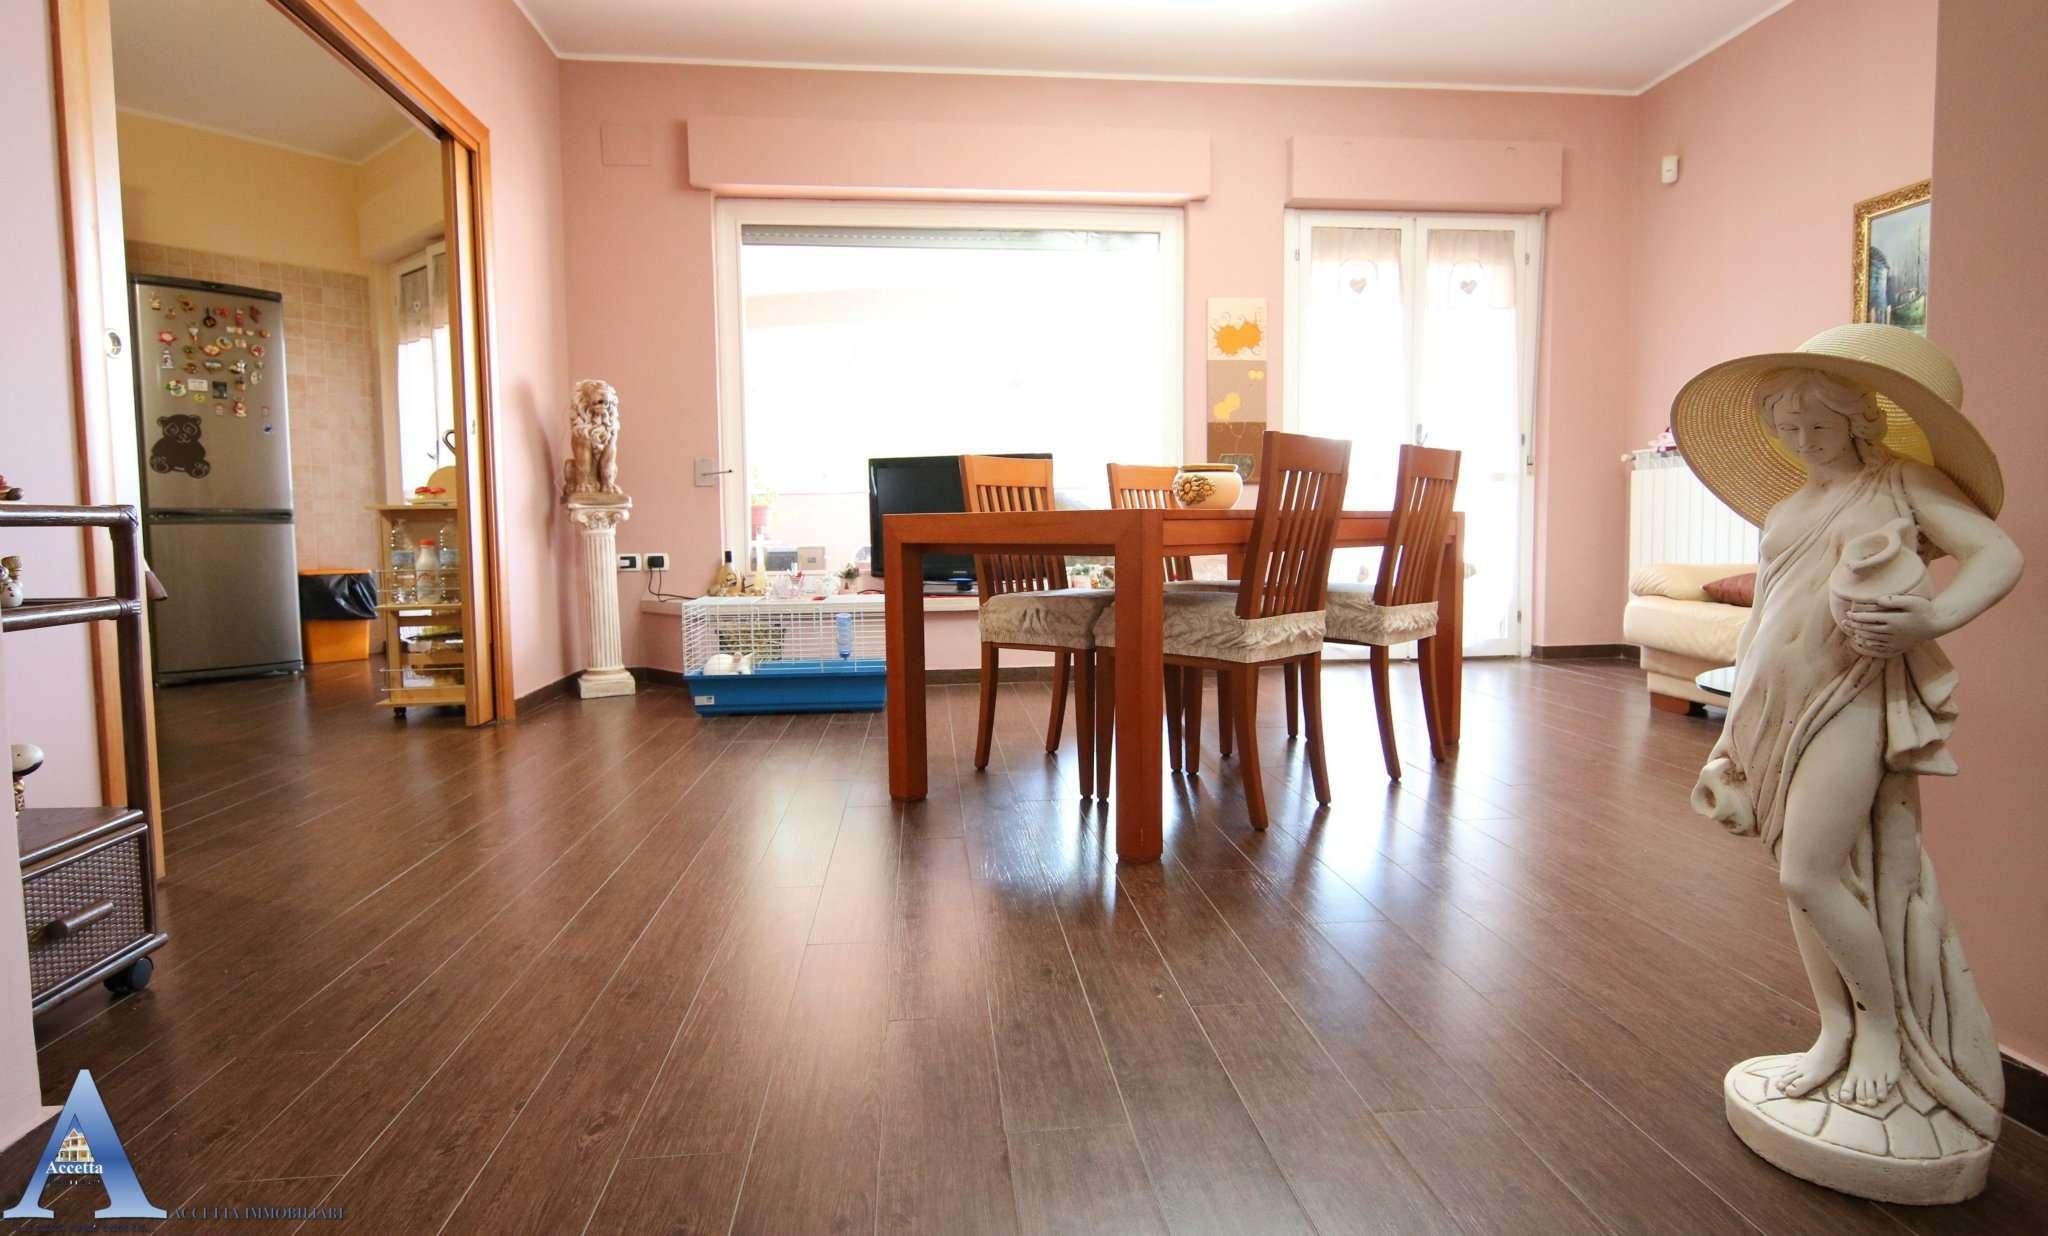 Appartamento in vendita a Taranto, 4 locali, prezzo € 138.000 | PortaleAgenzieImmobiliari.it